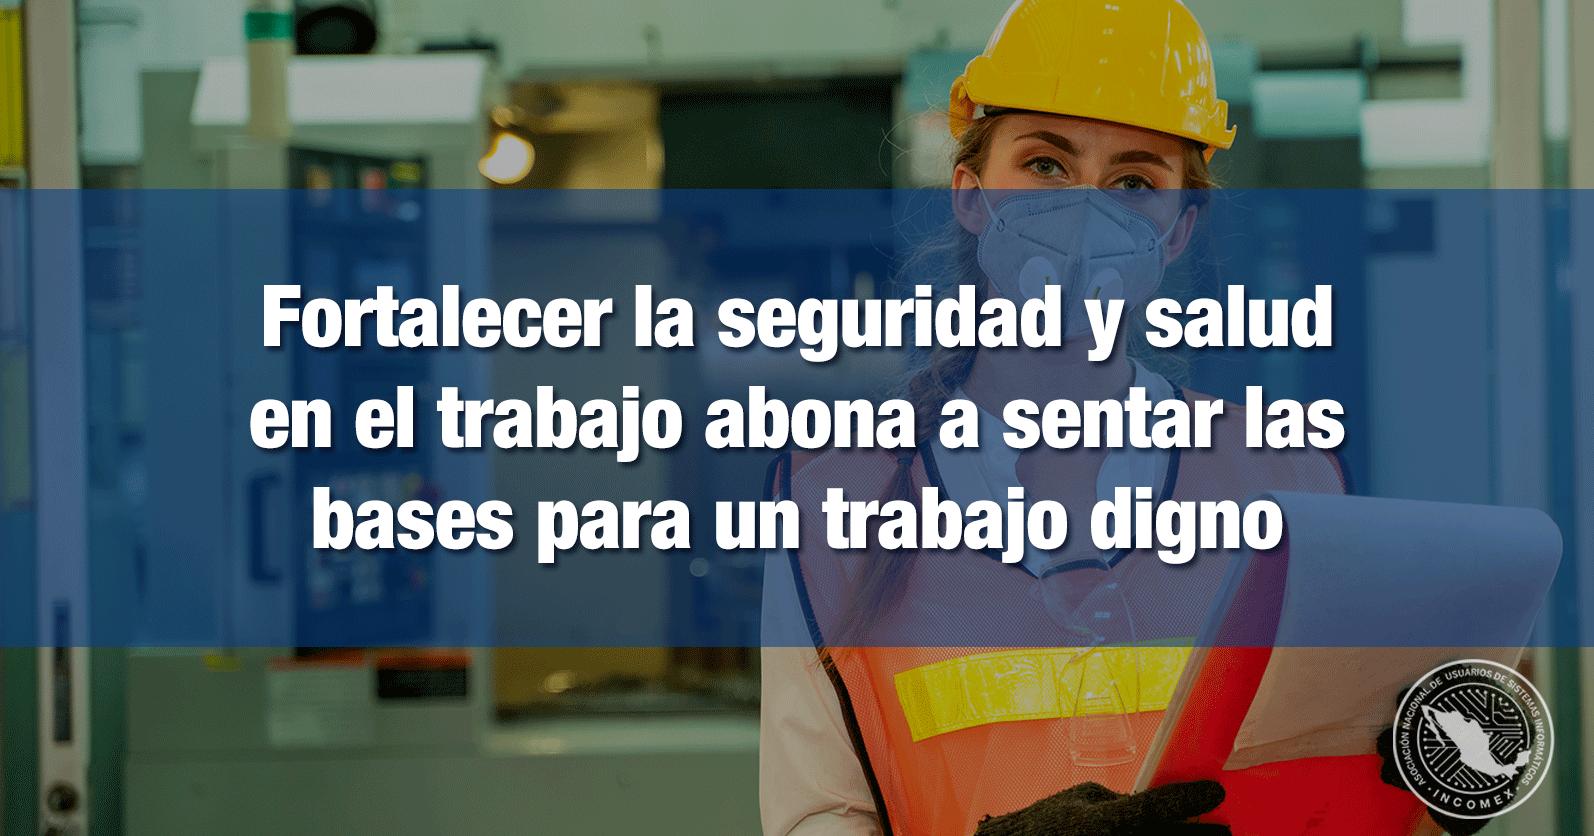 Fortalecer la seguridad y salud en el trabajo abona a sentar las bases para un trabajo digno